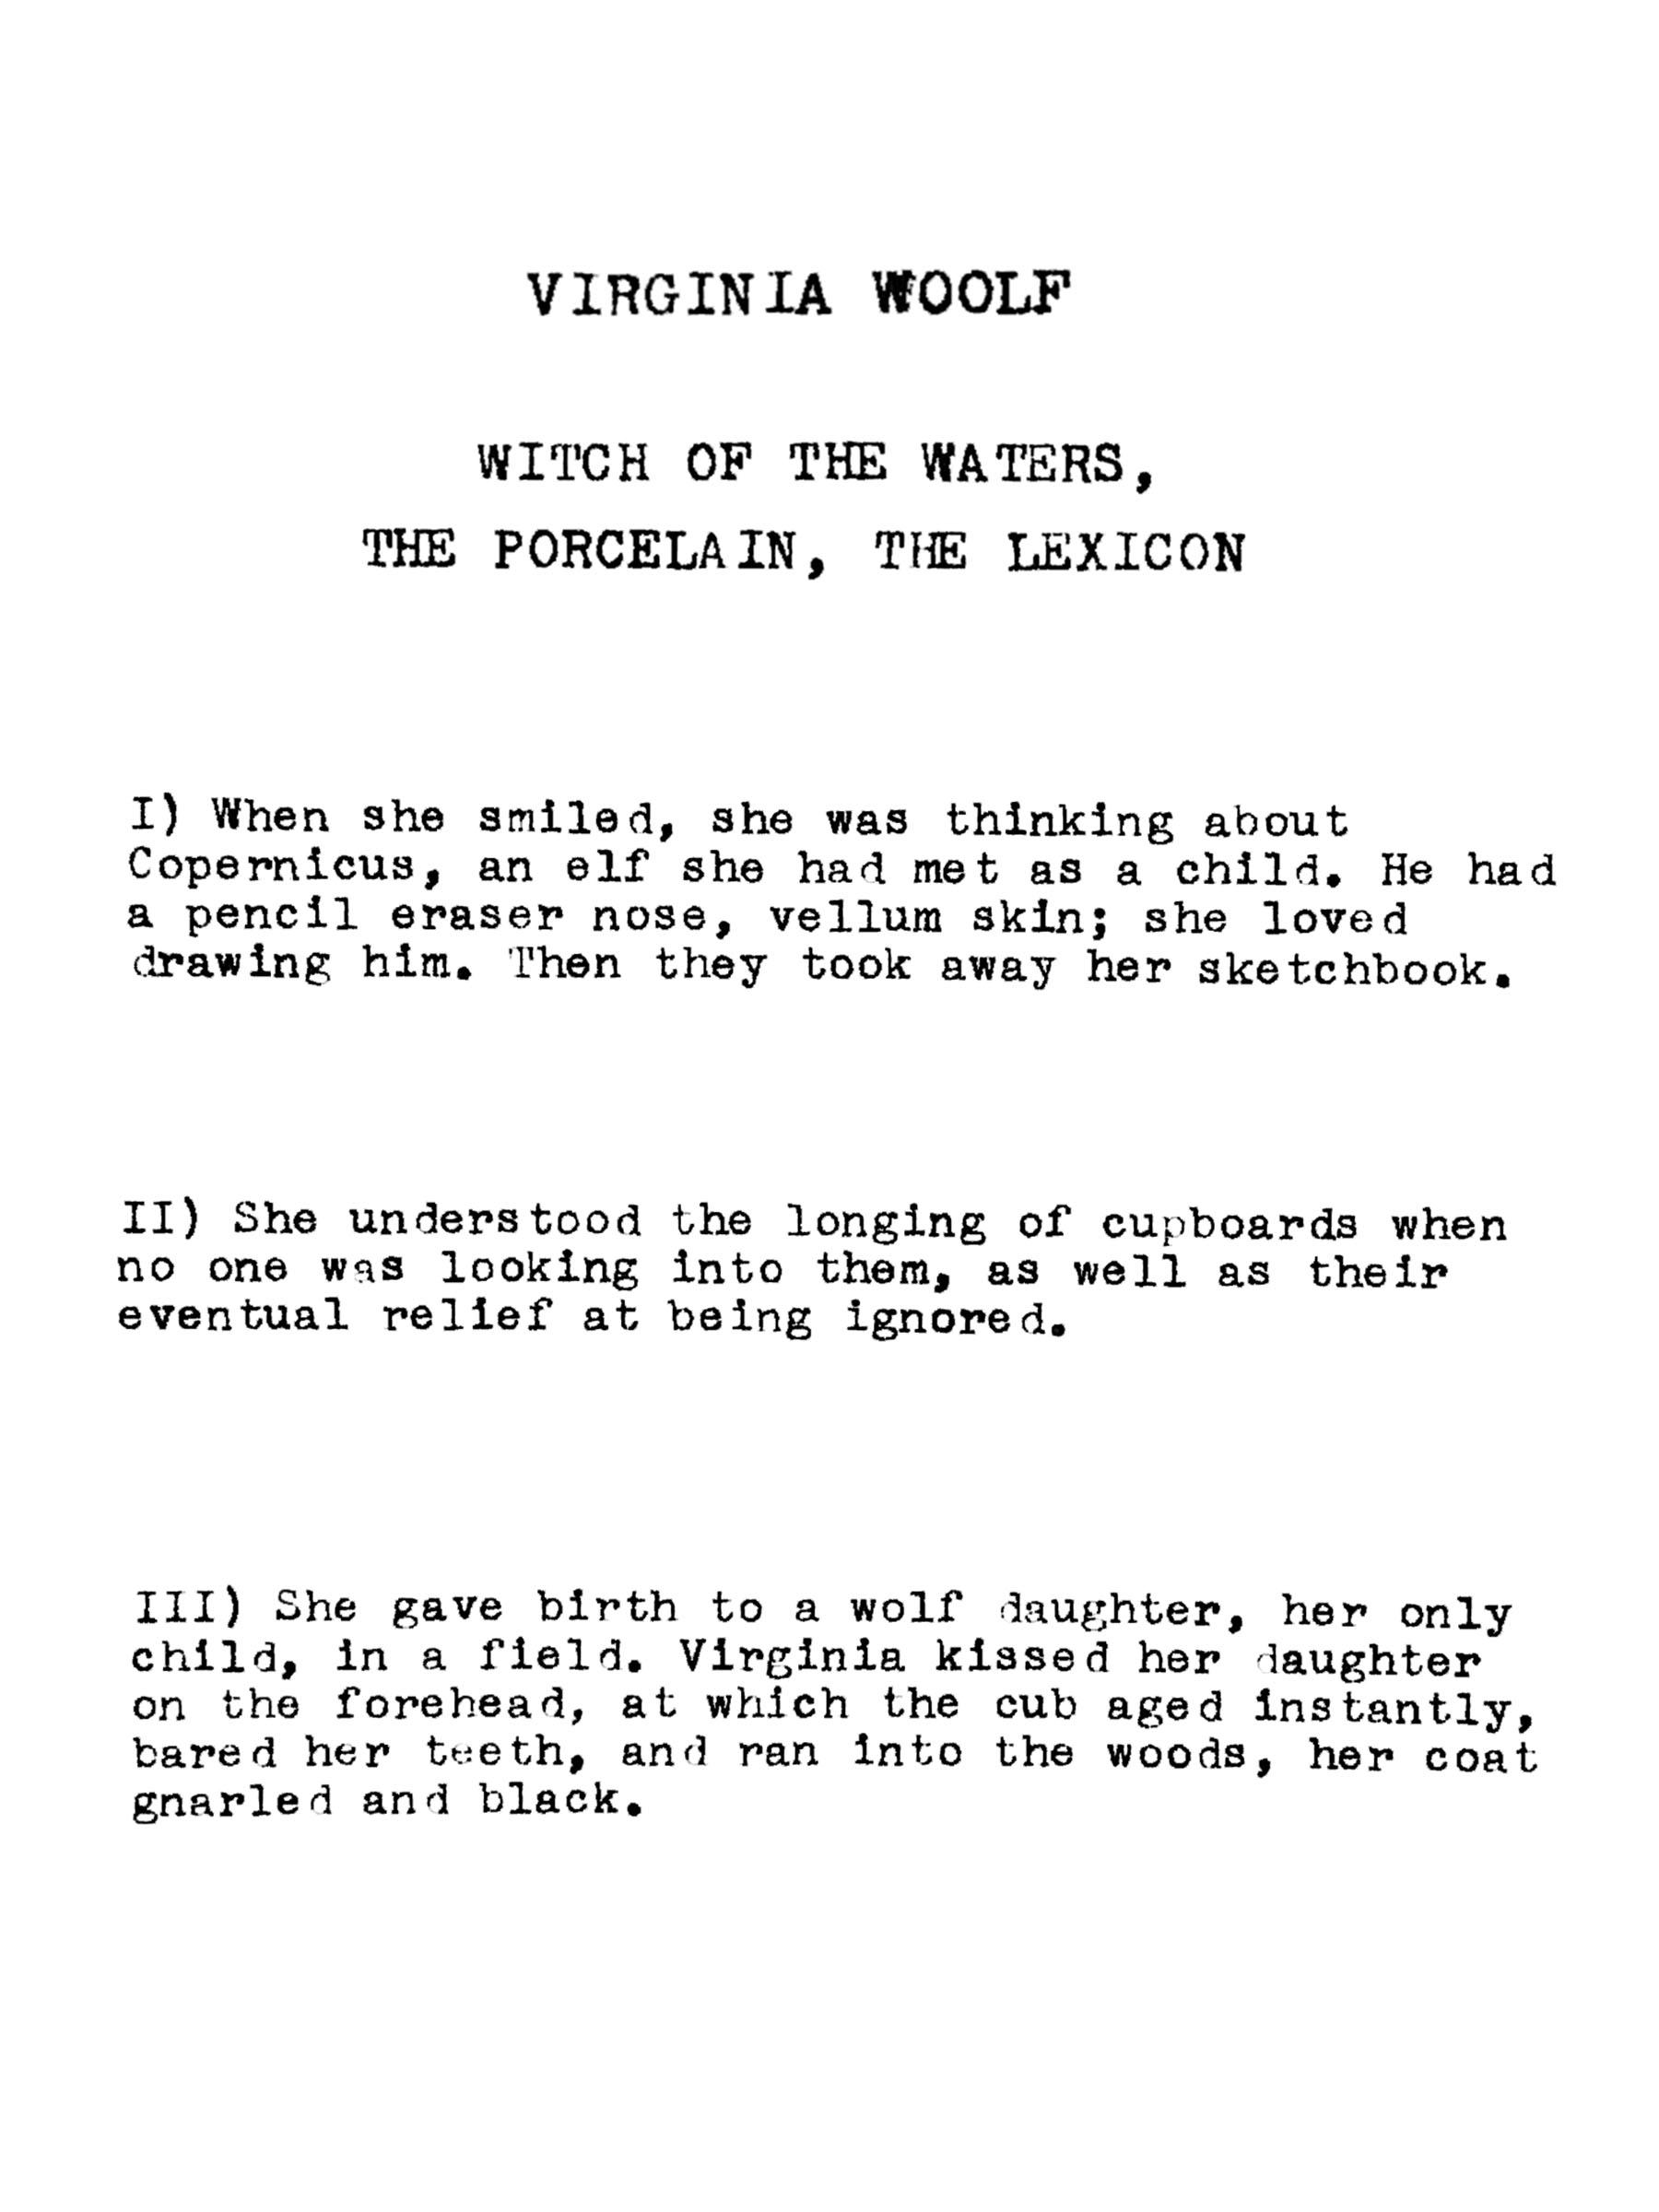 Anne Carson: The High Priestess of the Heath